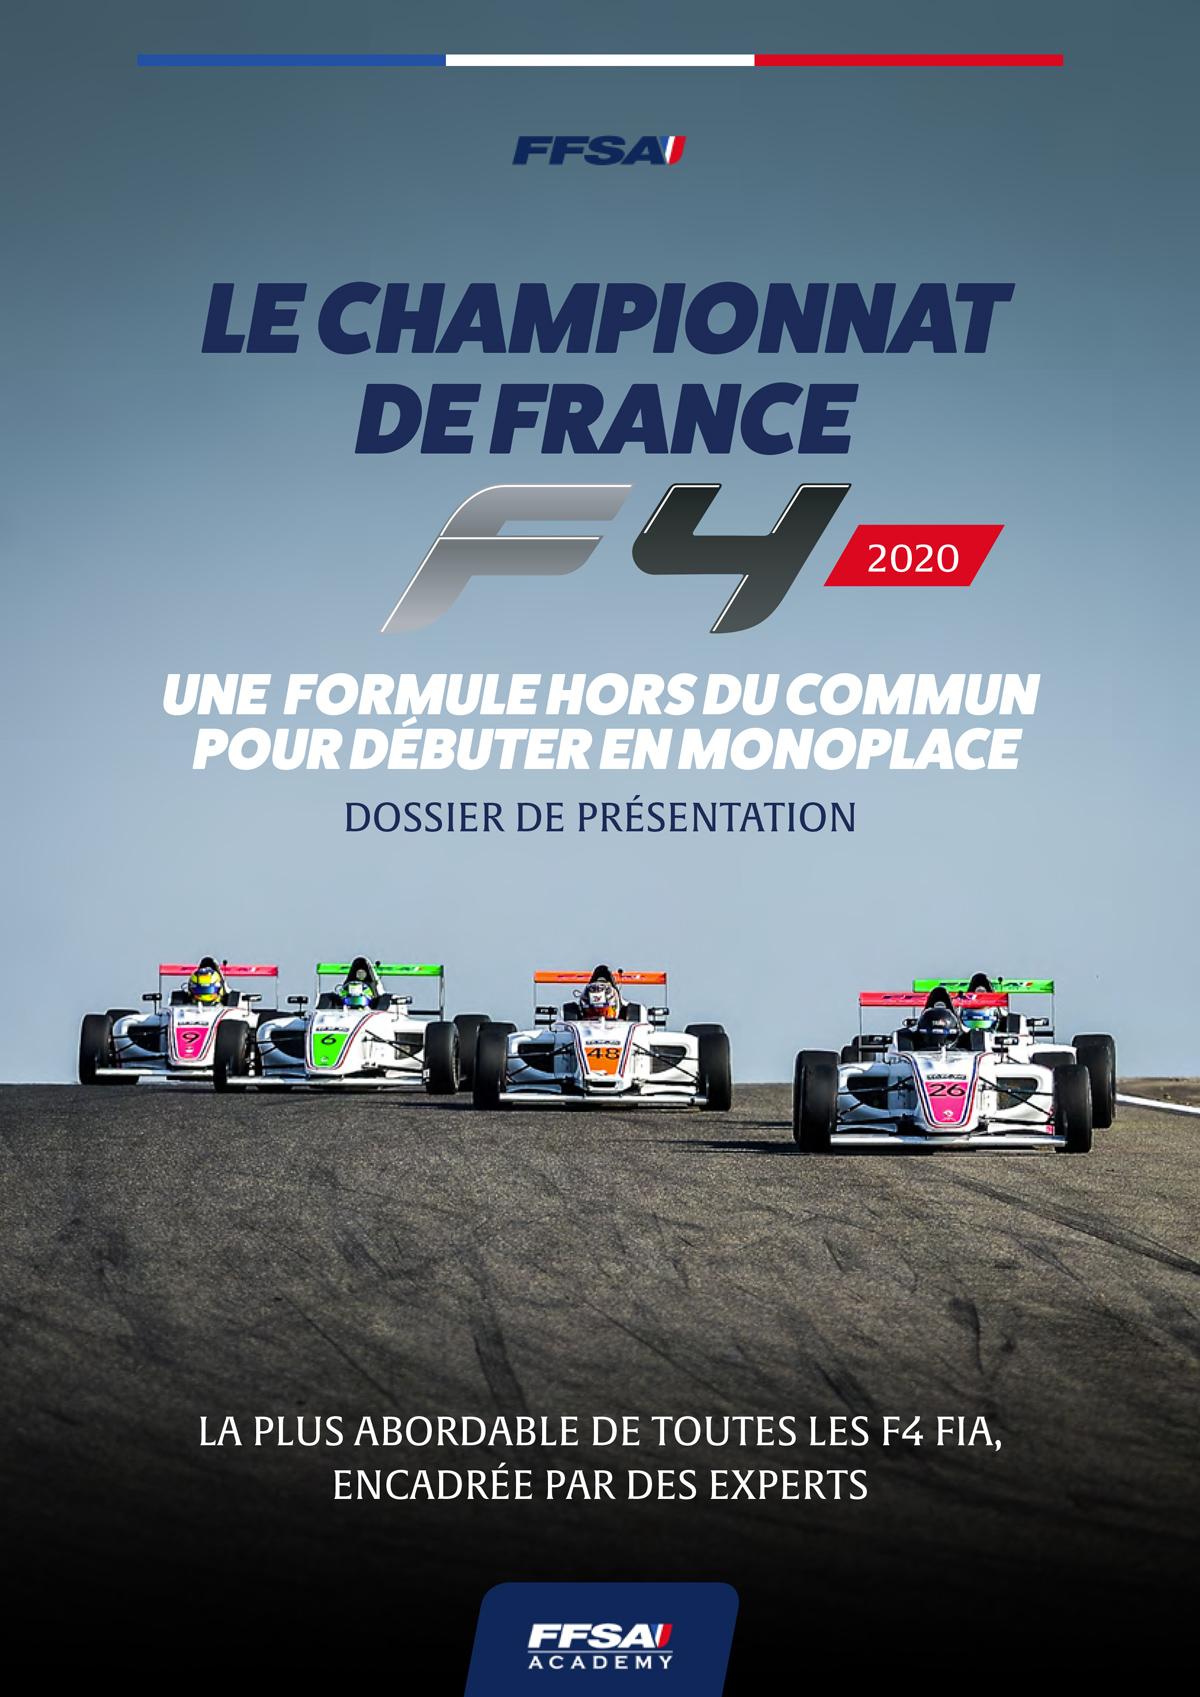 Dossier_Presentation_FFSA_Academy_F4_FIA_2020_BD-1